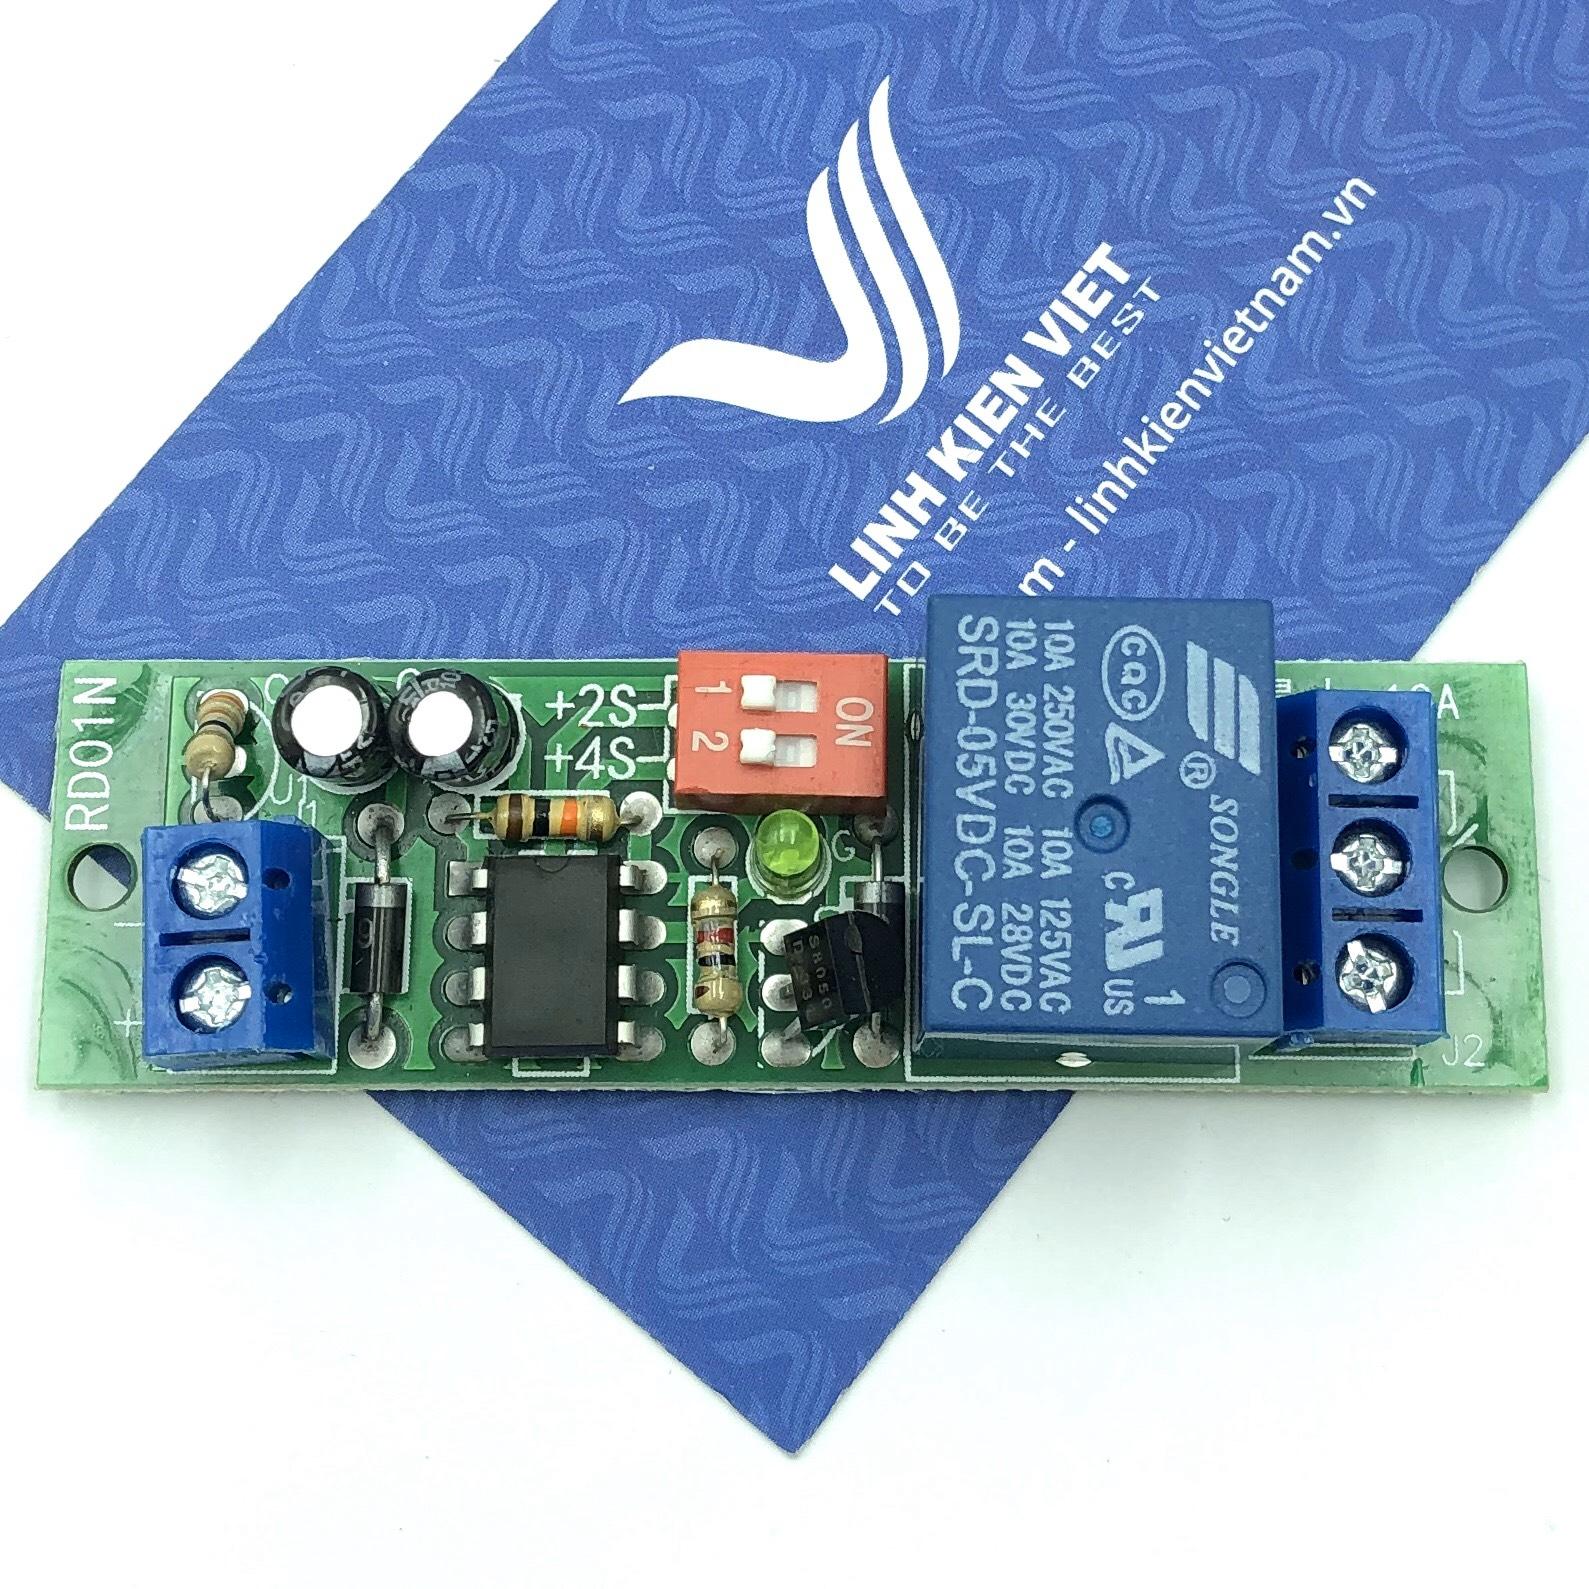 Mạch tạo trễ thời gian 12V RD01N cho máy tính, tủ lạnh - X1H22